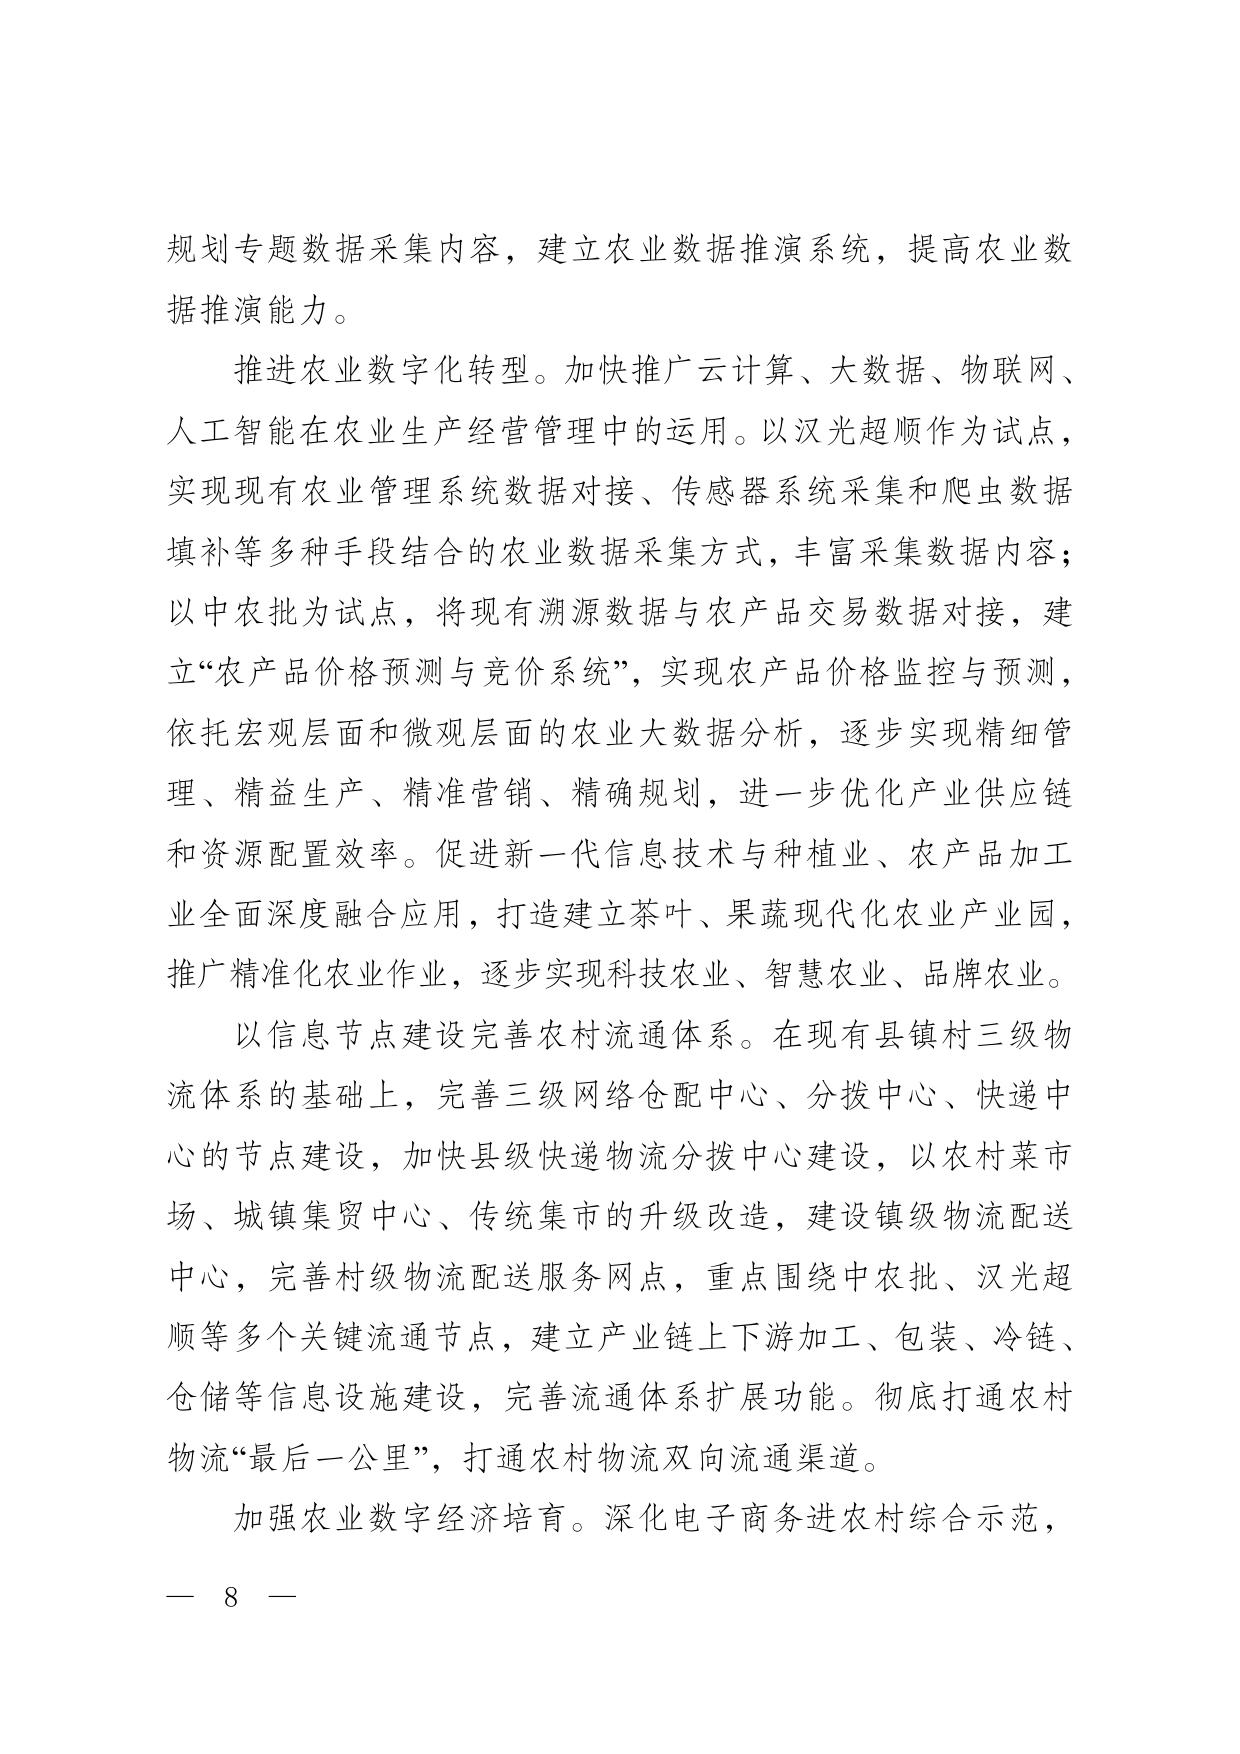 华办函〔2020〕5号关于印发《五华县数字乡村发展总体规划(2020—2025年)》的通知0007.jpg